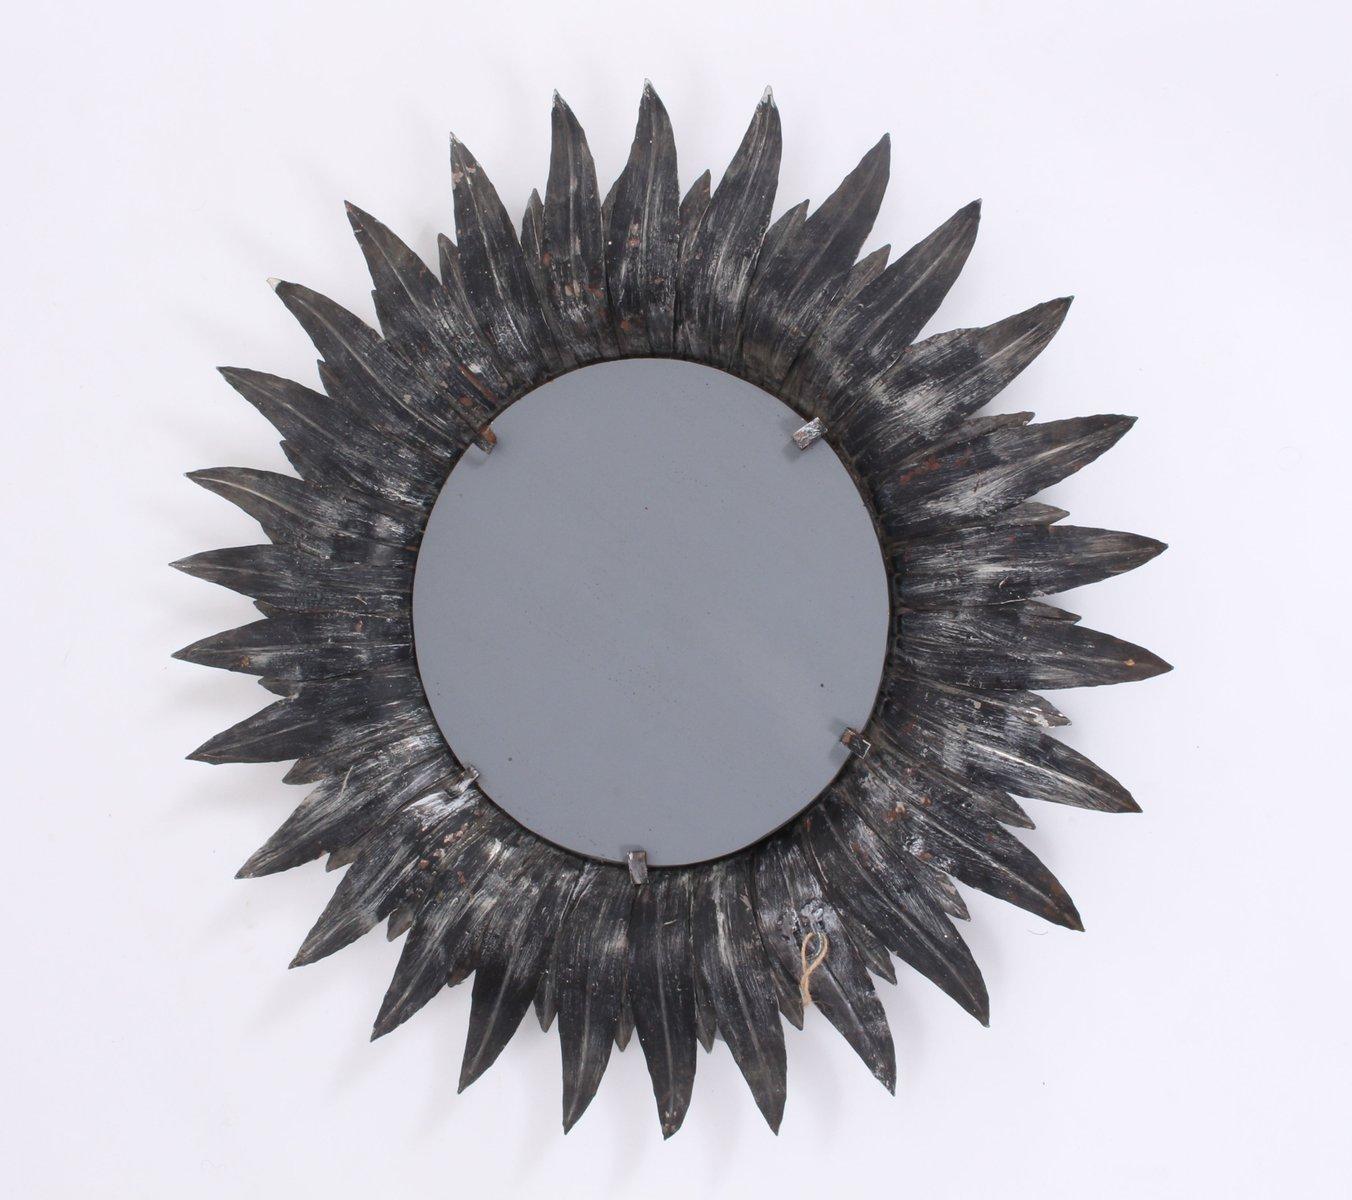 franz sischer vintage spiegel mit metallrahmen bei pamono kaufen. Black Bedroom Furniture Sets. Home Design Ideas